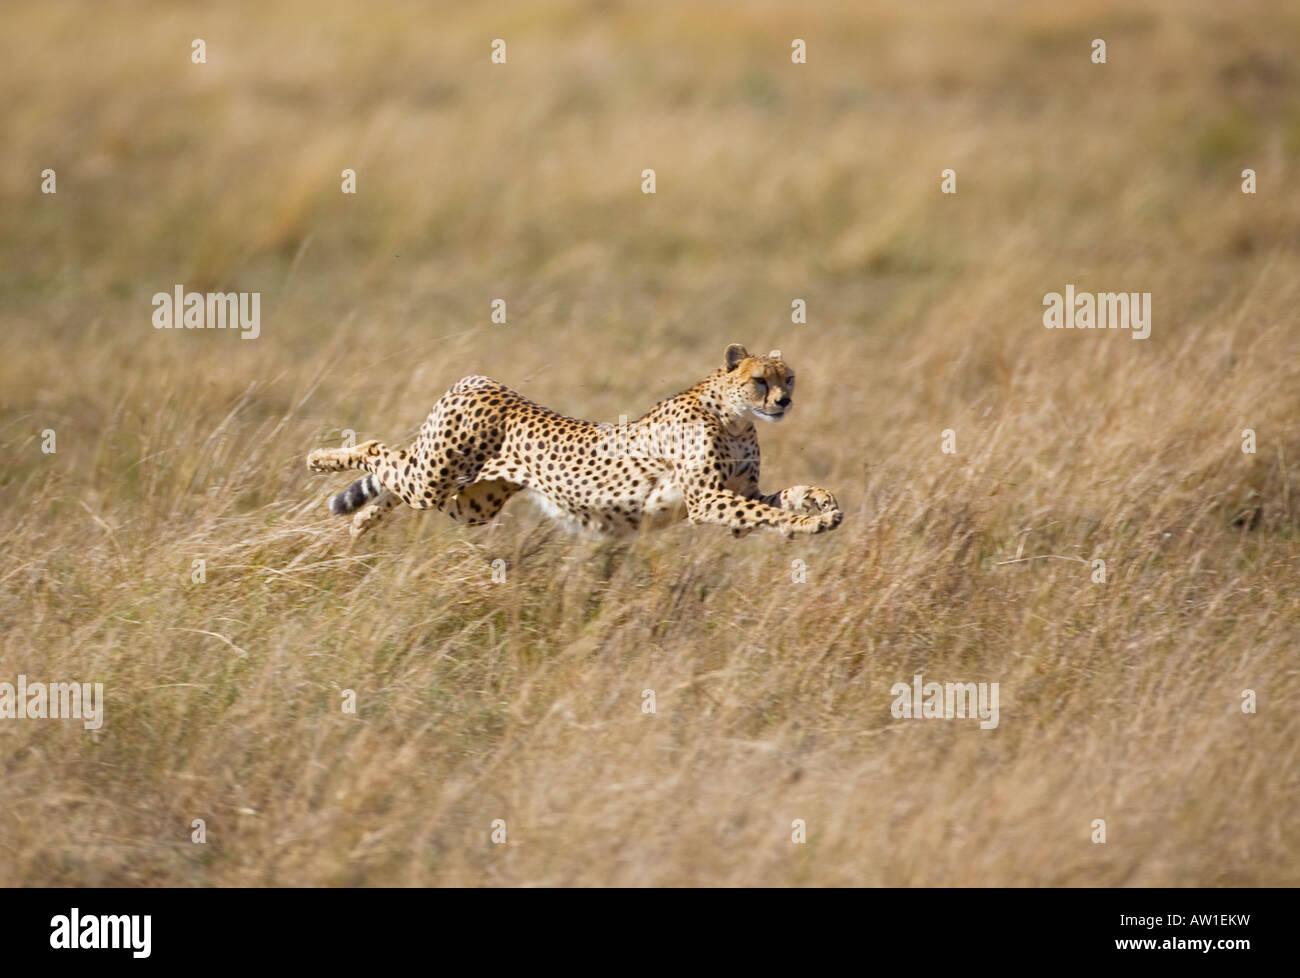 Cheetah (acinonyx jubatus) in full flight - Stock Image